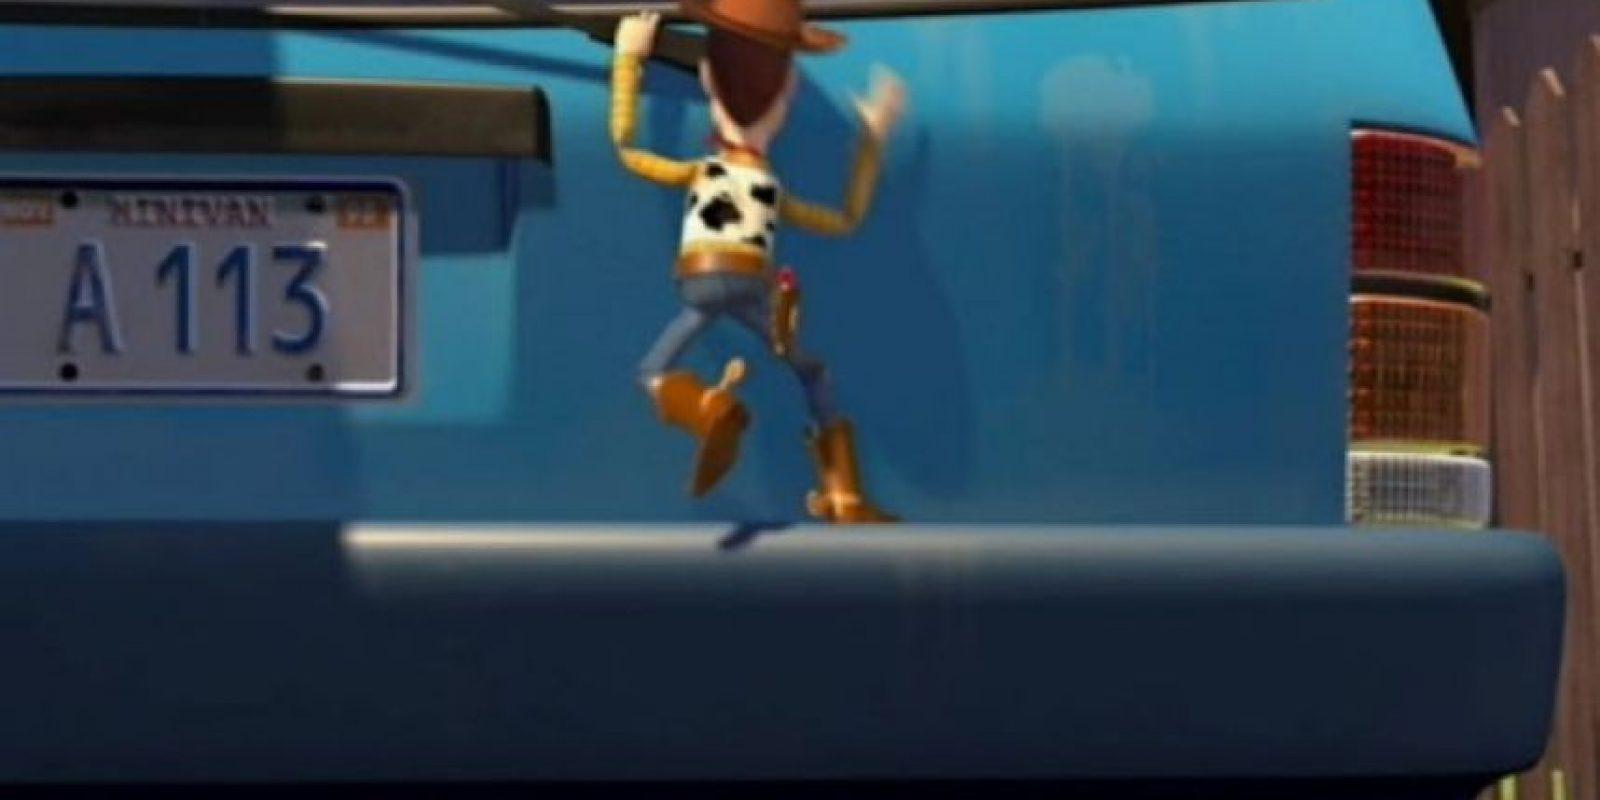 """12.- La camioneta que conduce la mamá de Andy tiene las placas: """"A113"""", este es el número del salón donde John Lasseter, Brad Bird, Pete Docter y Andrew Stanton tomaban clases en Pixar. Foto:Twitter"""